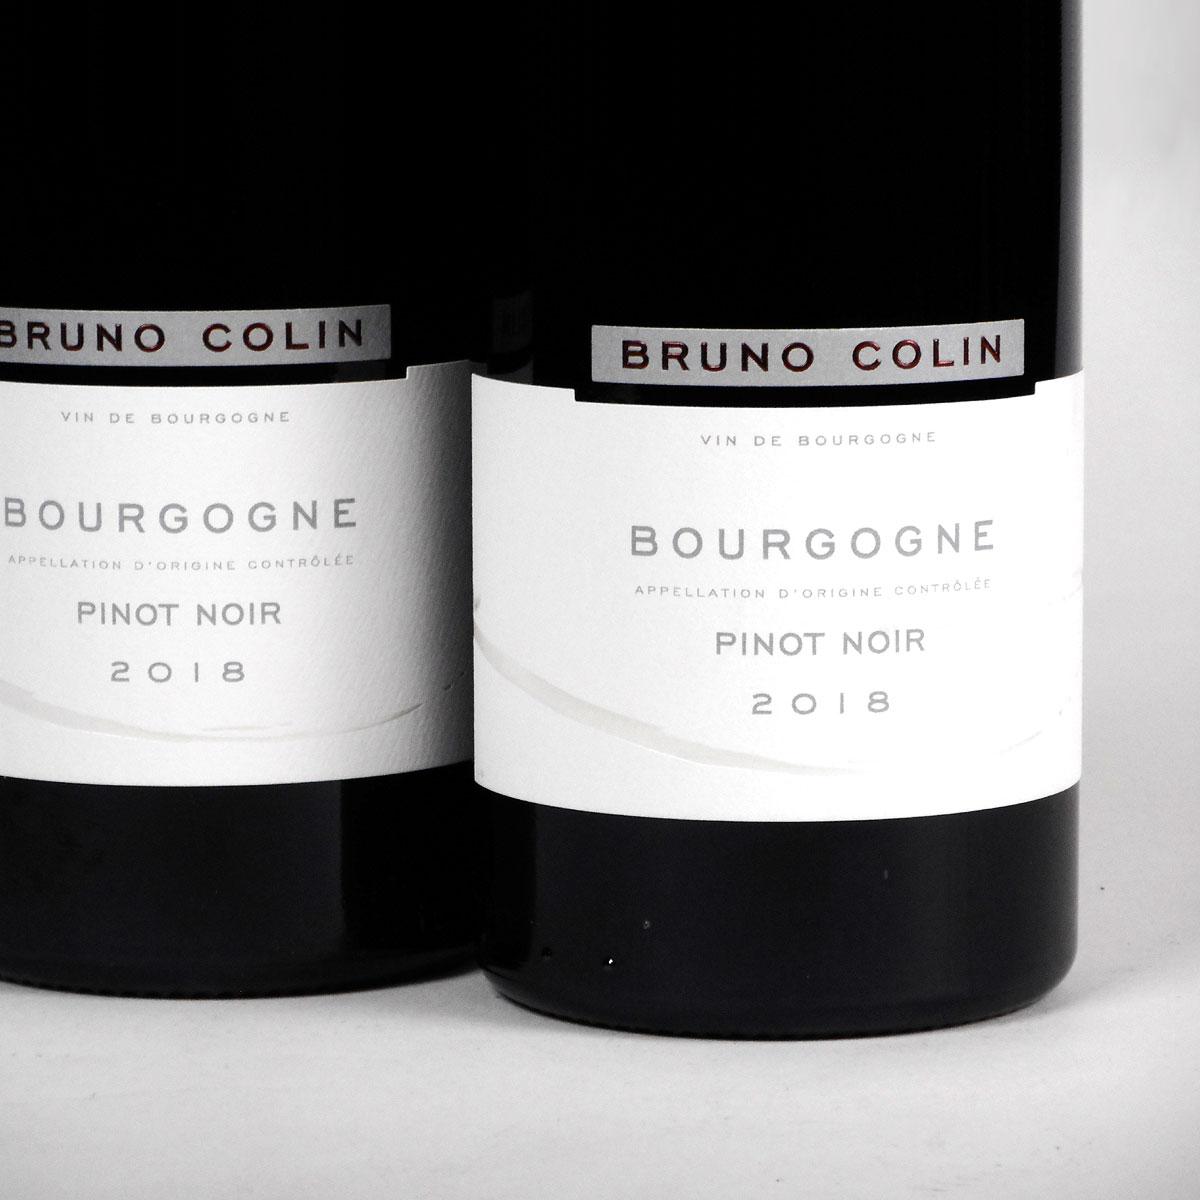 Bourgogne Pinot Noir: Domaine Bruno Colin 2018